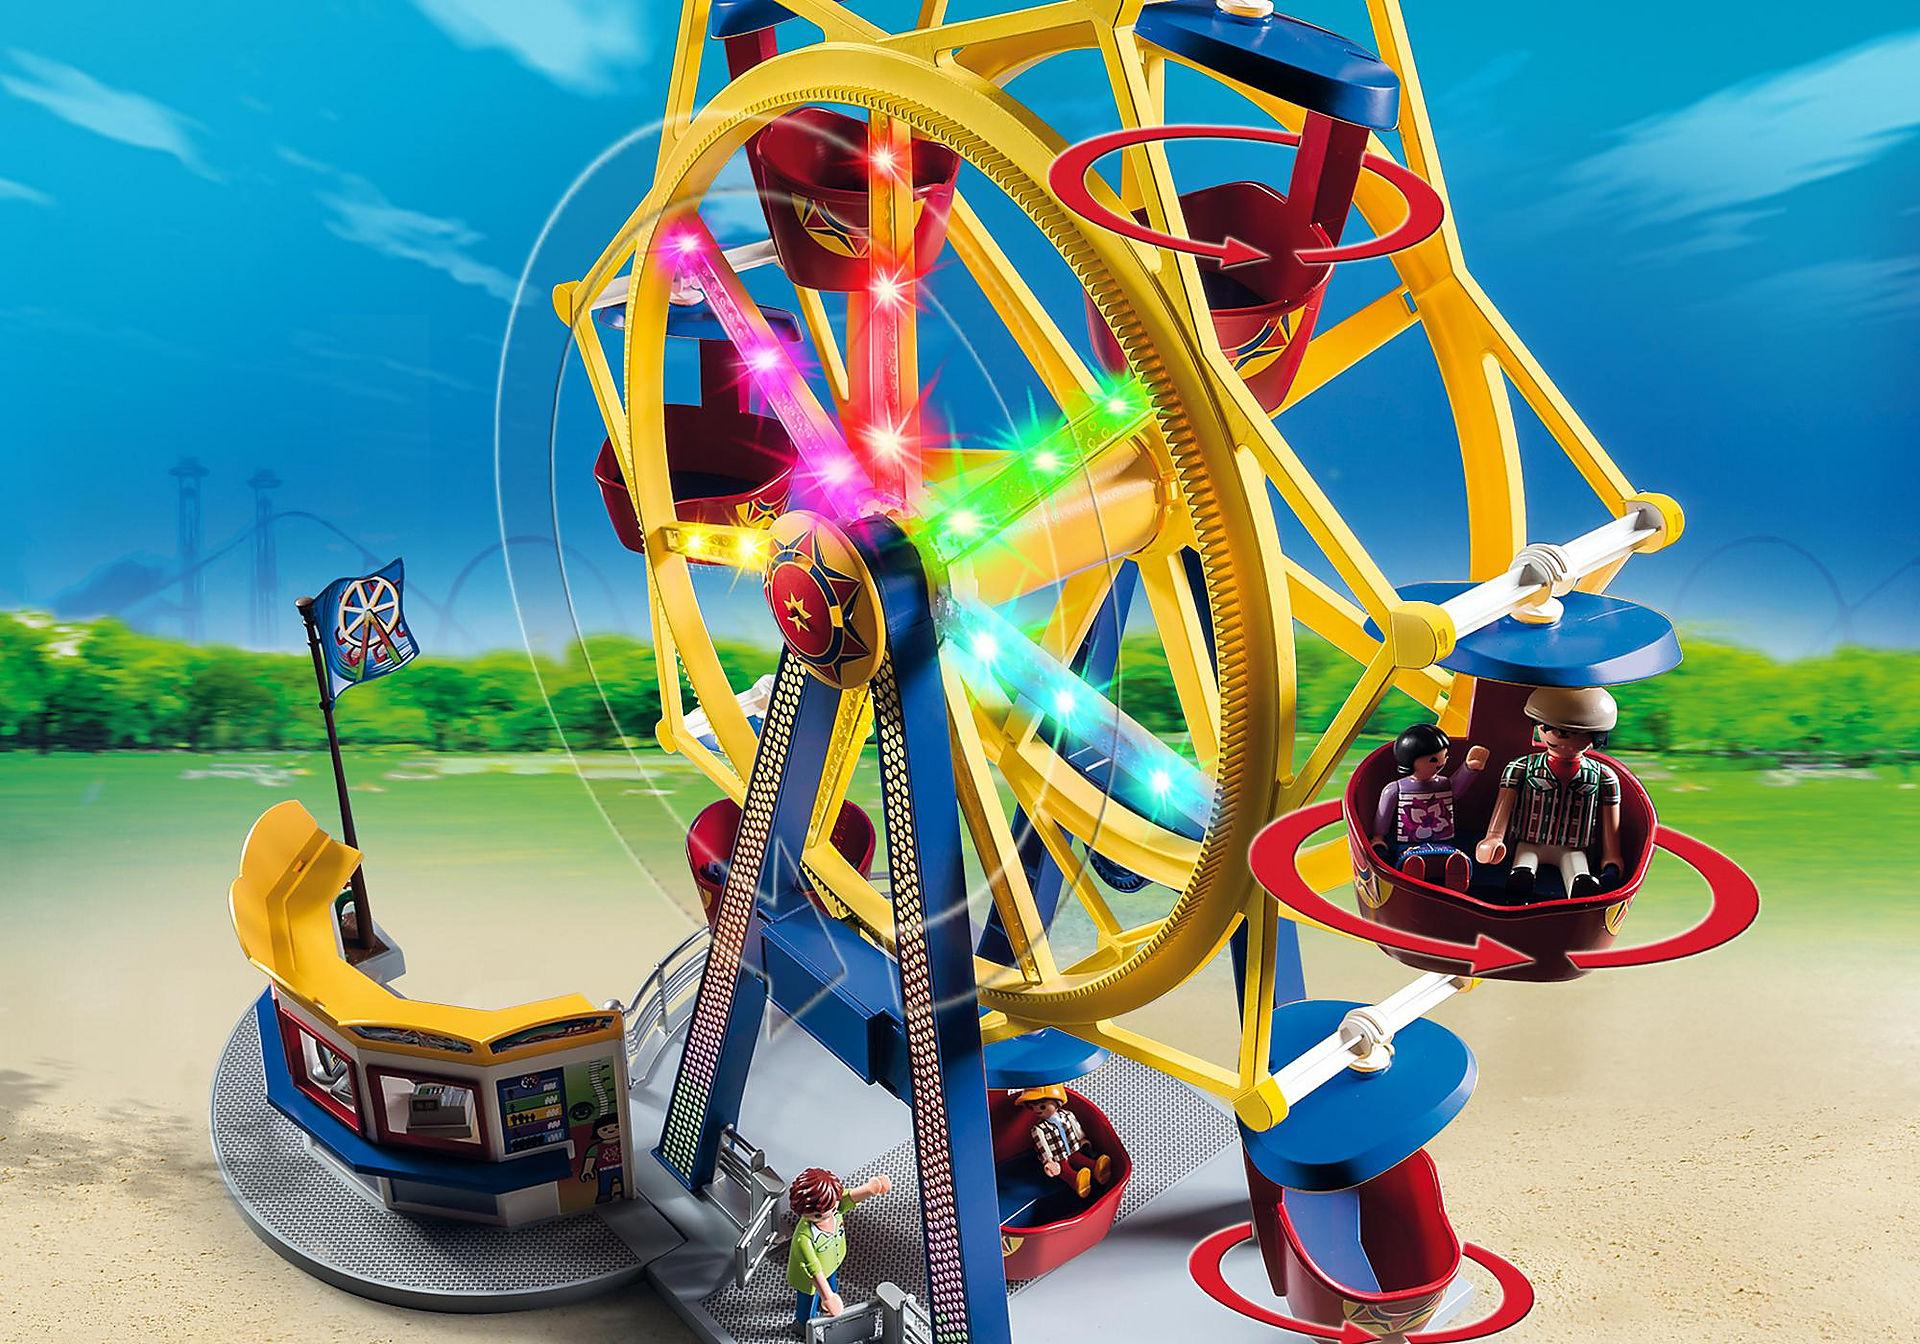 5552 Grande roue avec illuminations zoom image6